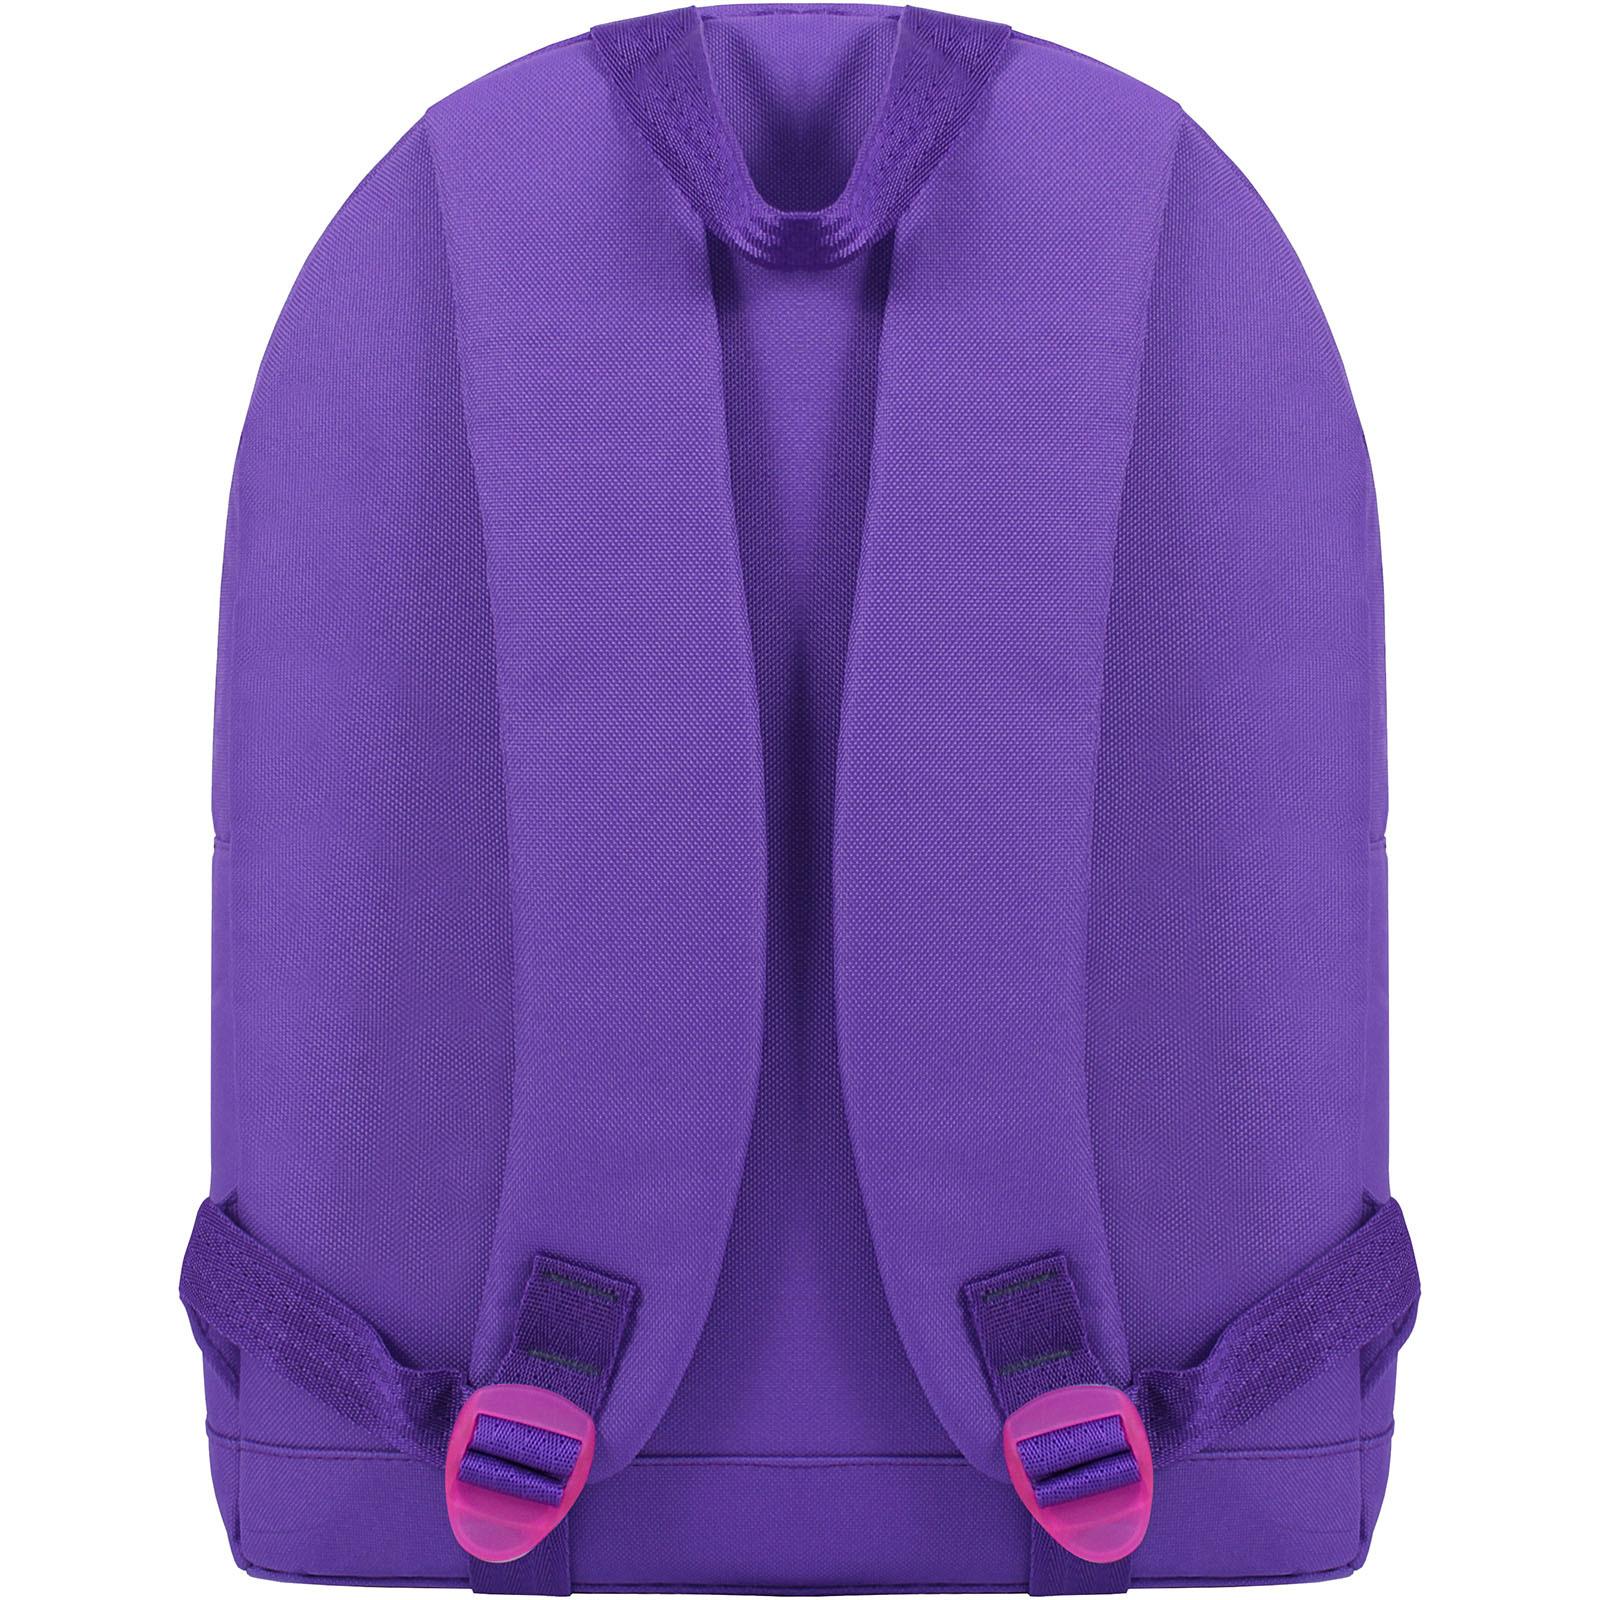 Рюкзак Bagland Молодежный W/R 17 л. 339 Фиолетовый 745 (00533662) фото 4